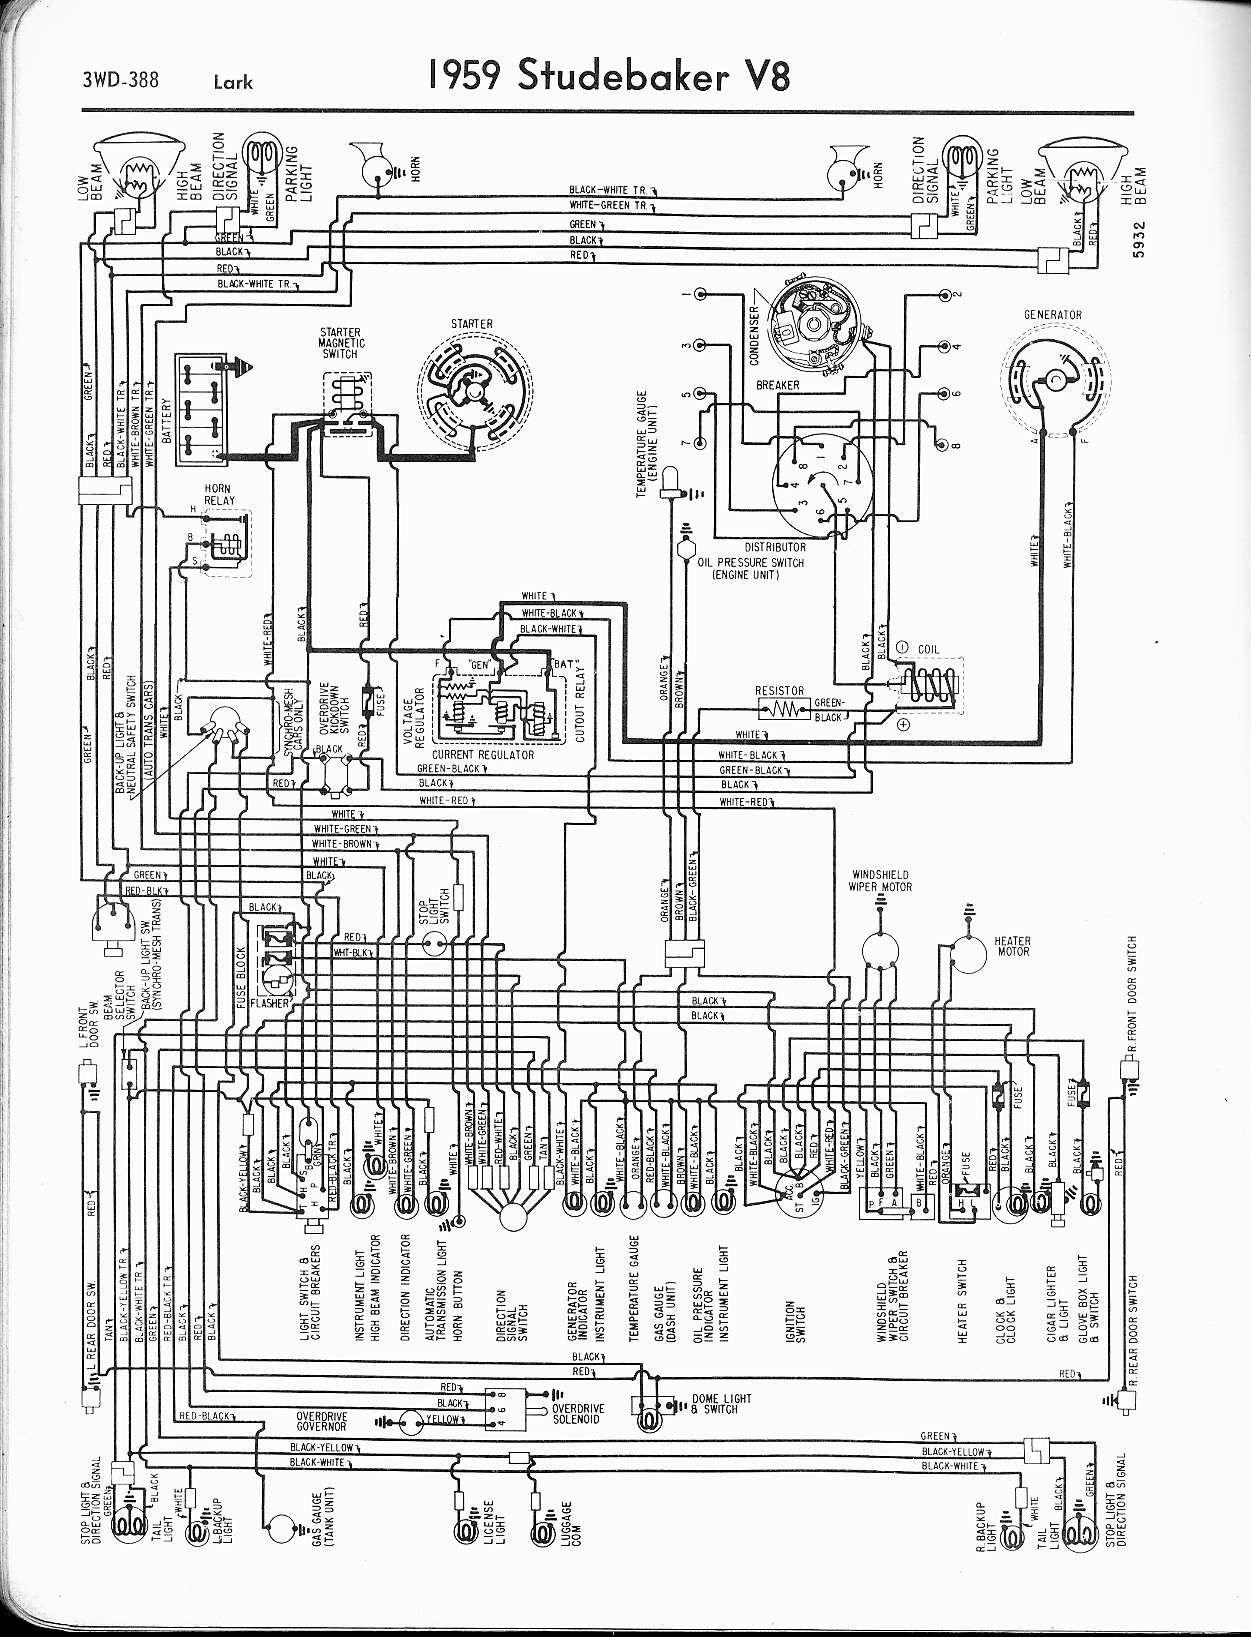 1951 Studebaker Champion Wiring Diagram - Kit Car Headlight Wiring Diagram  for Wiring Diagram Schematics | 1981 Champion Wiring Diagram |  | Wiring Diagram Schematics